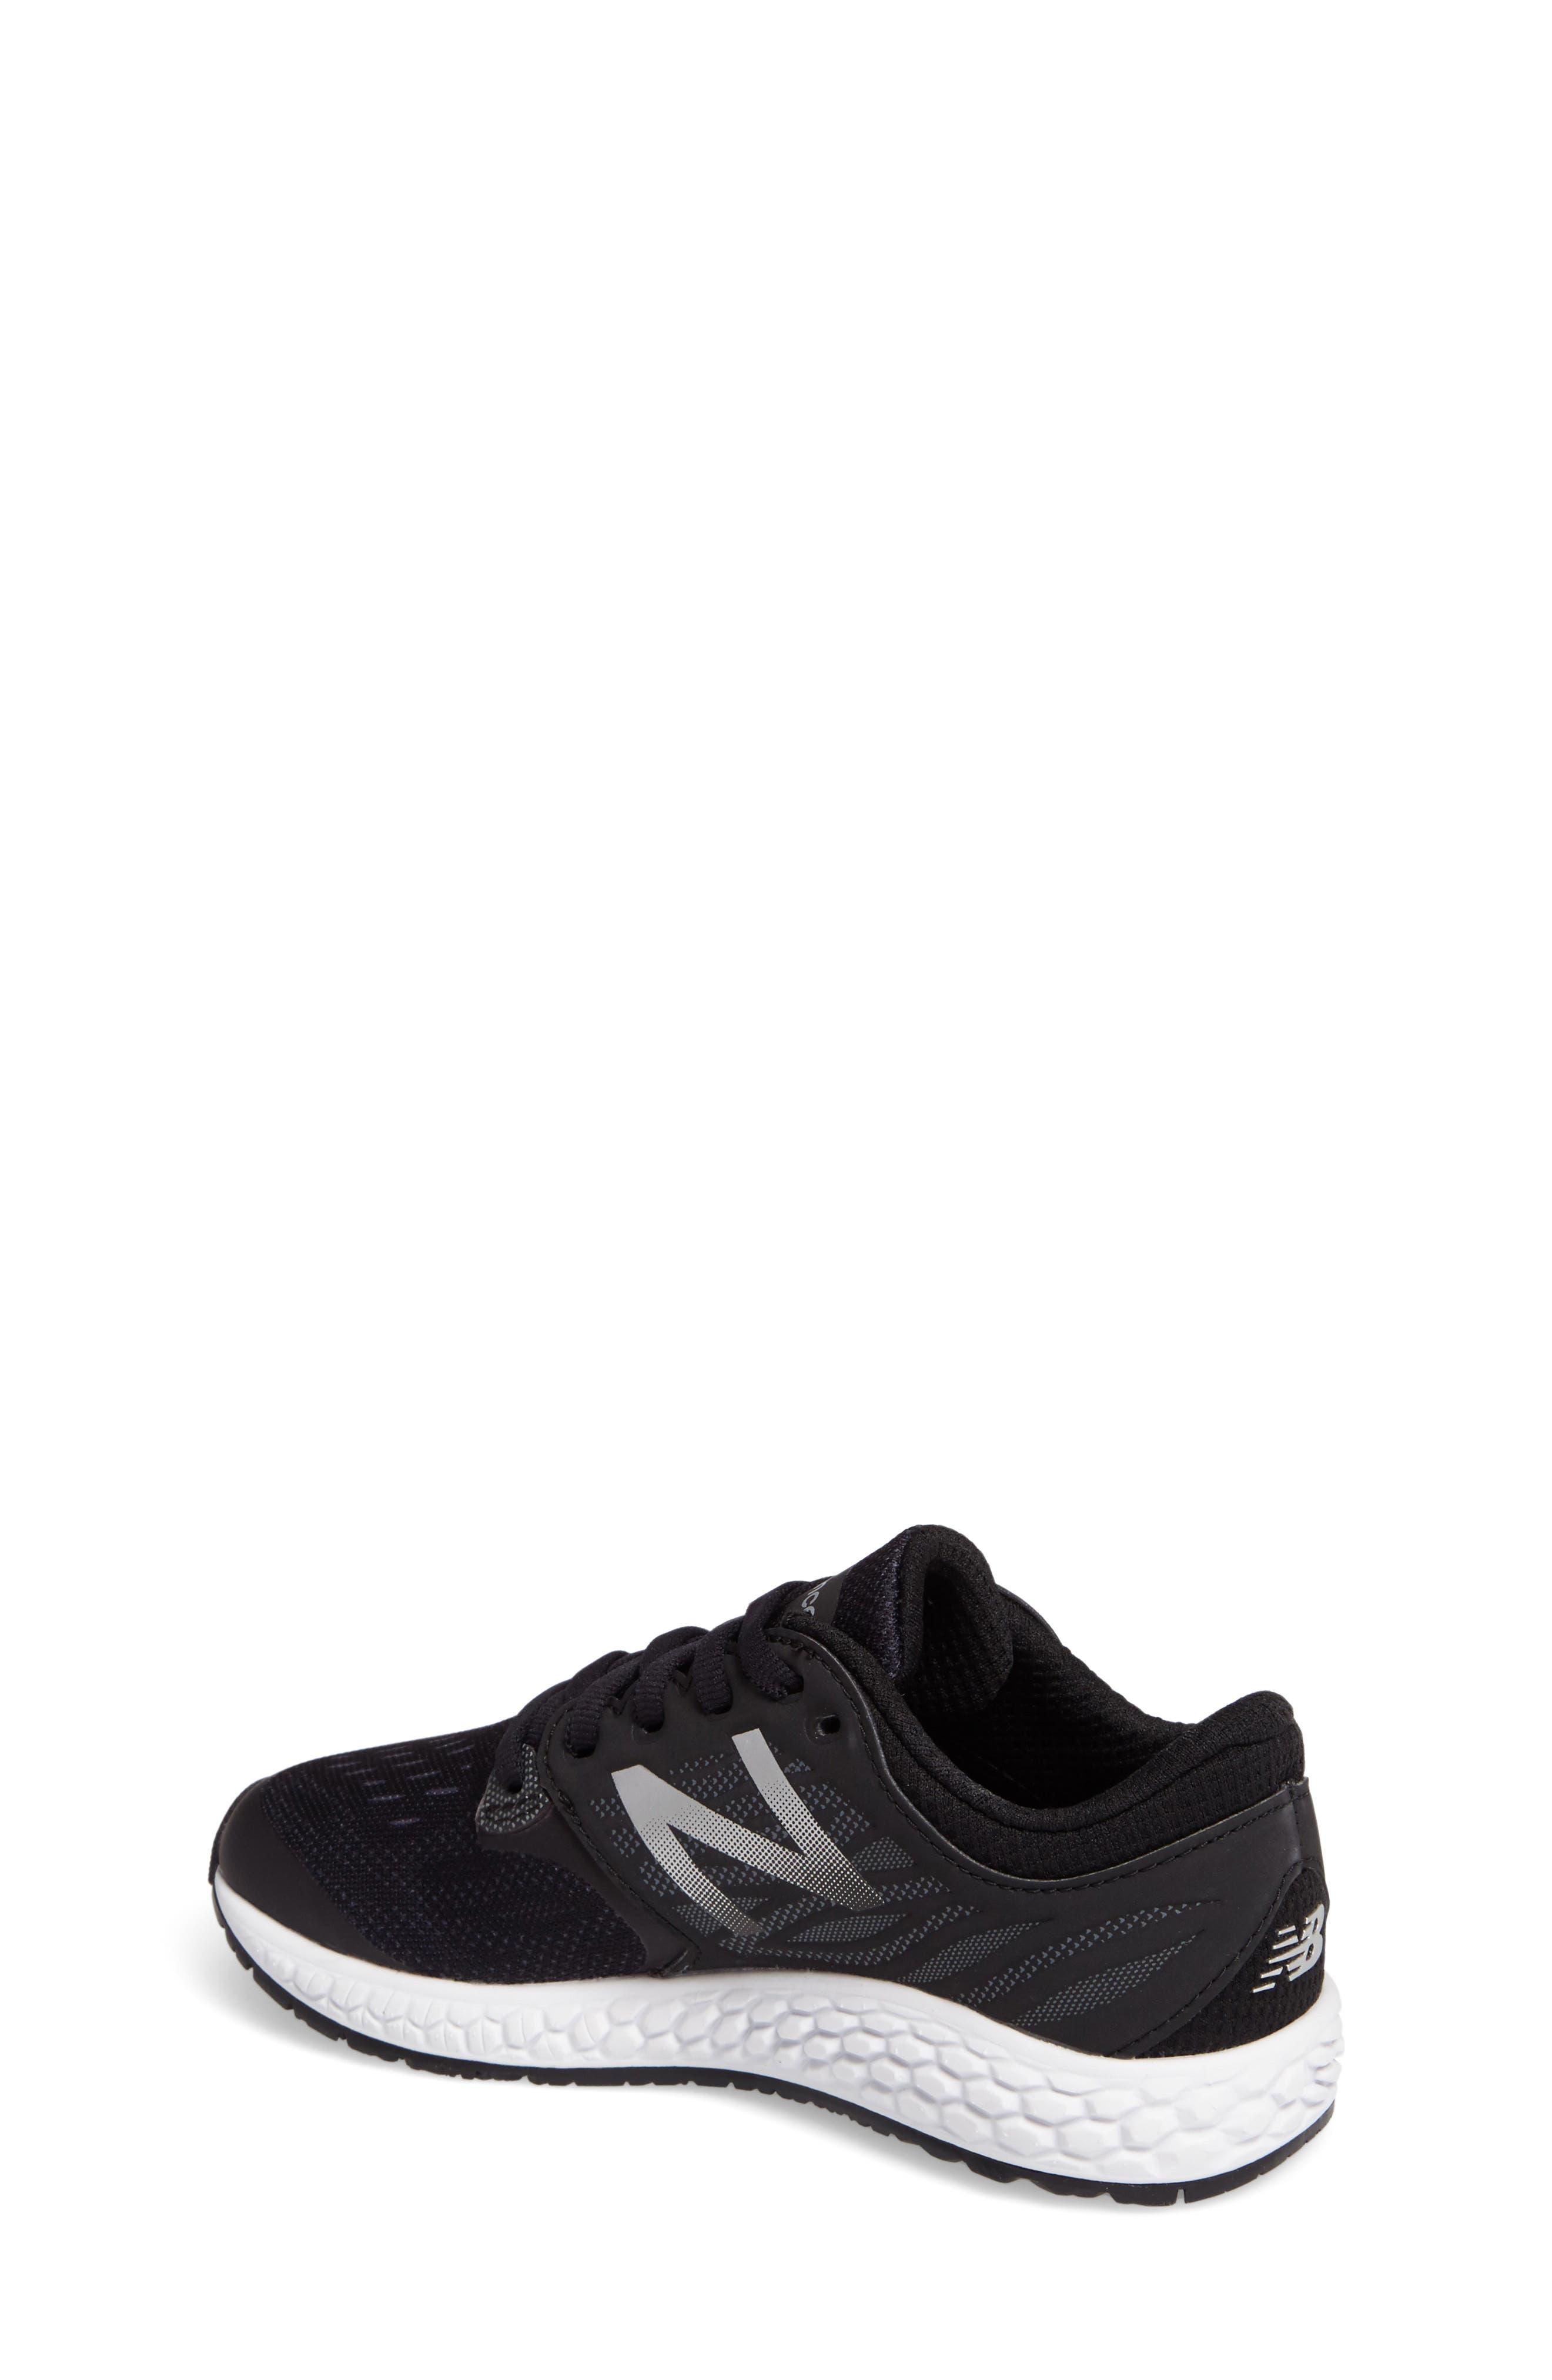 Fresh Foam Sneaker,                             Alternate thumbnail 2, color,                             001